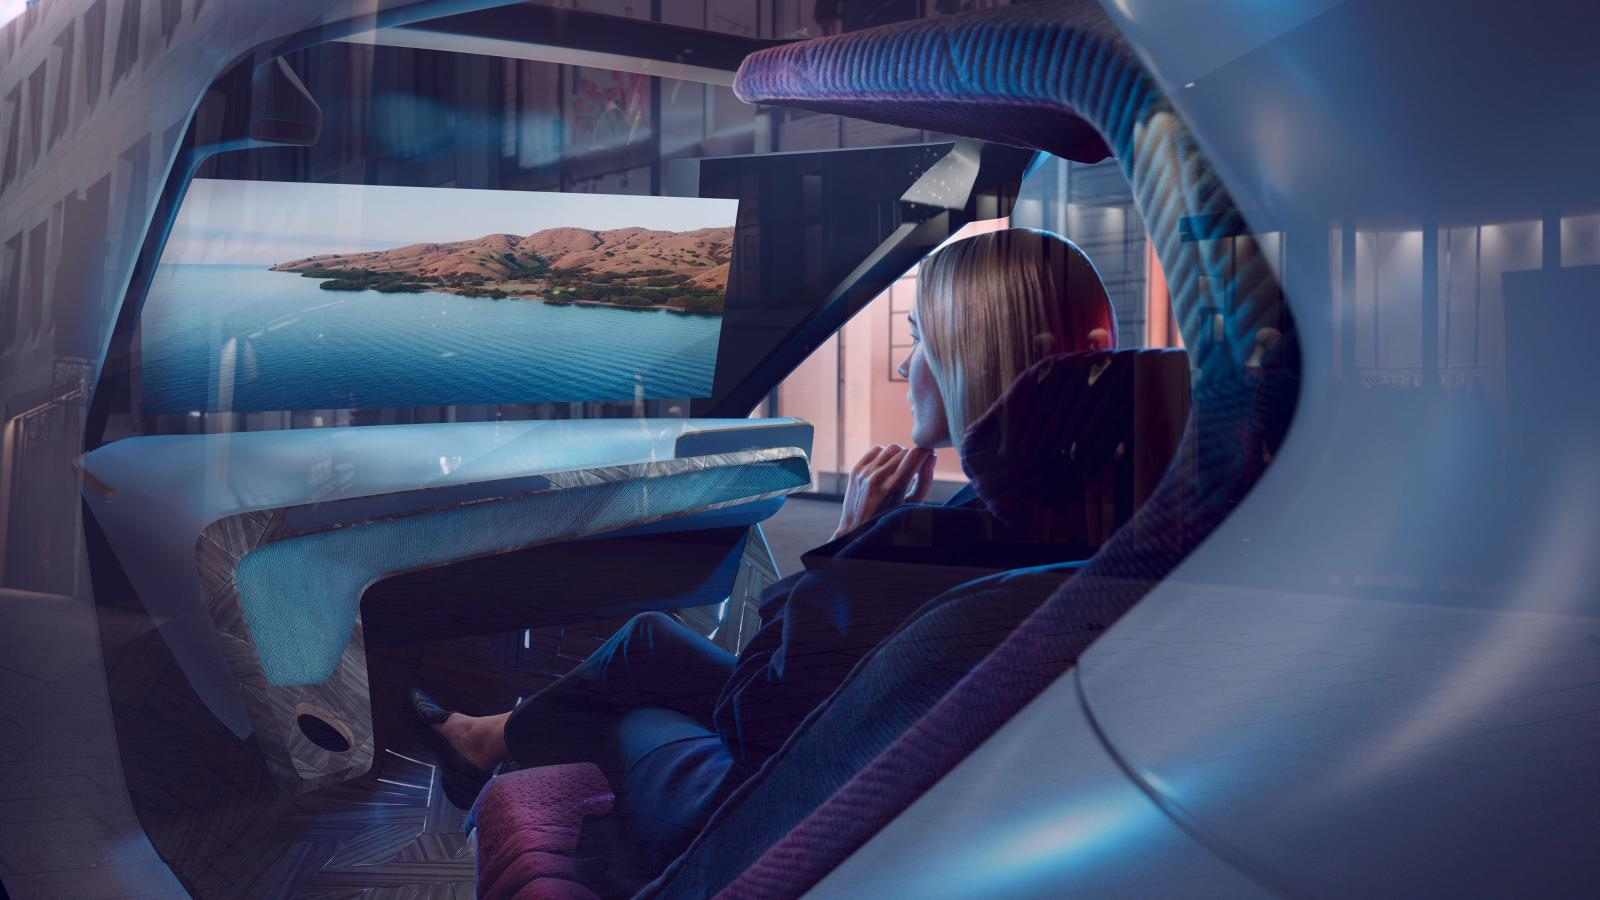 La cabina podría adoptar una configuración ideal para el entretenimiento multimedia